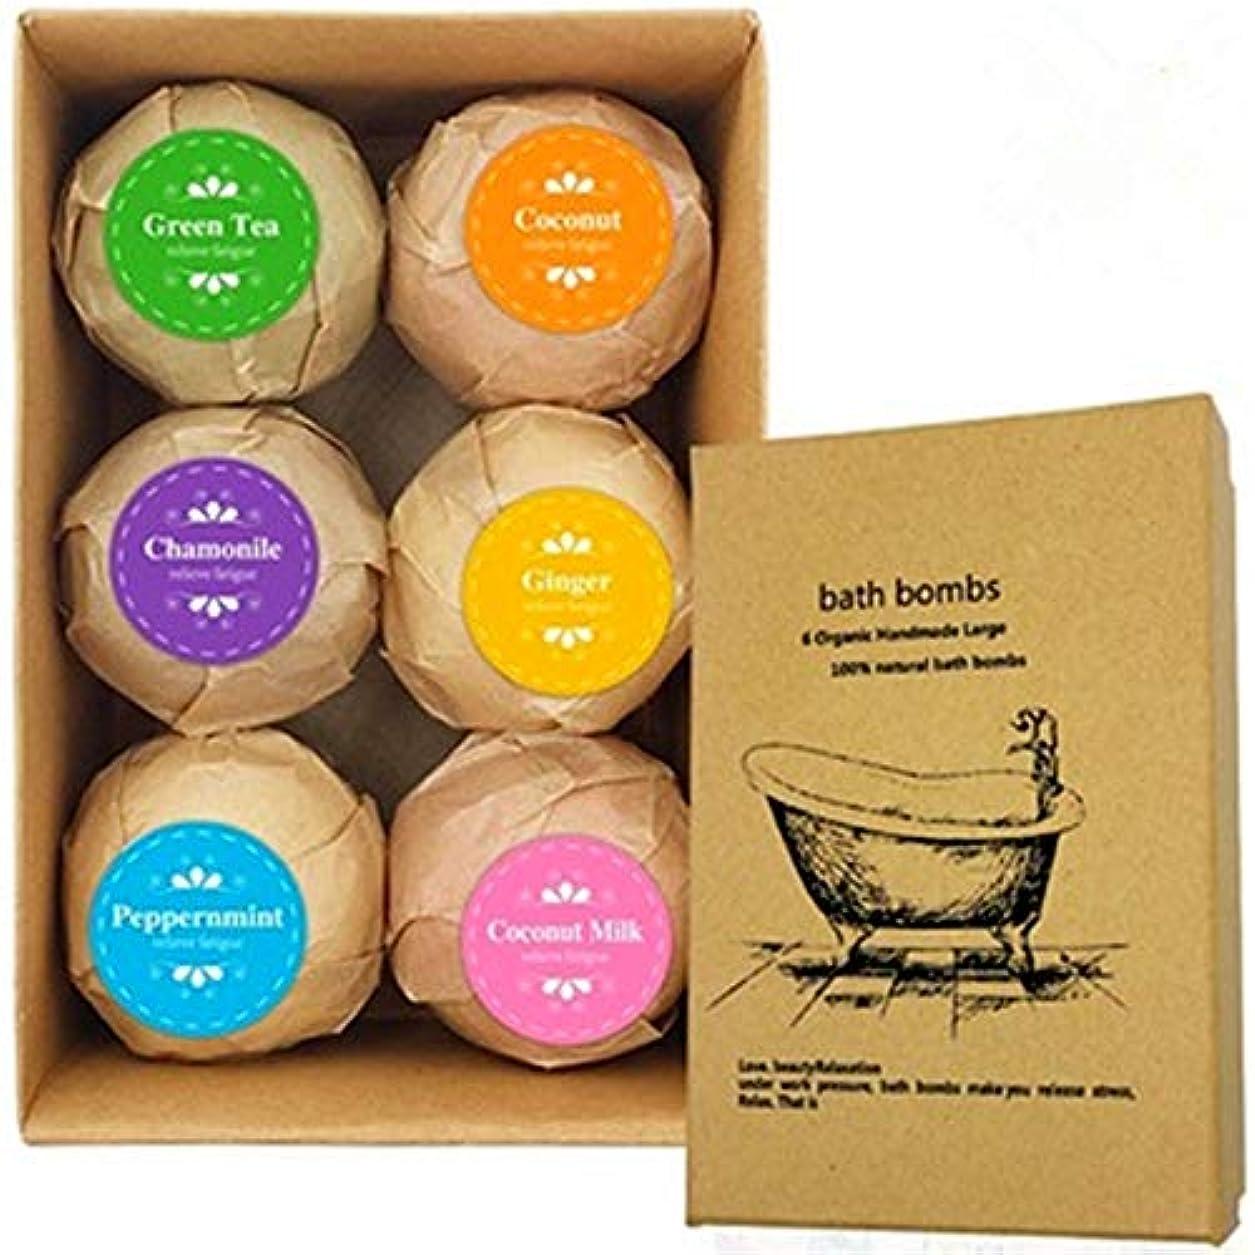 保育園カウント好きであるバスボム 入浴剤 炭酸 バスボール 6つの香り 手作り 入浴料 うるおいプラス お風呂用 入浴剤 ギフトセット6枚 贈り物 プレゼント最適